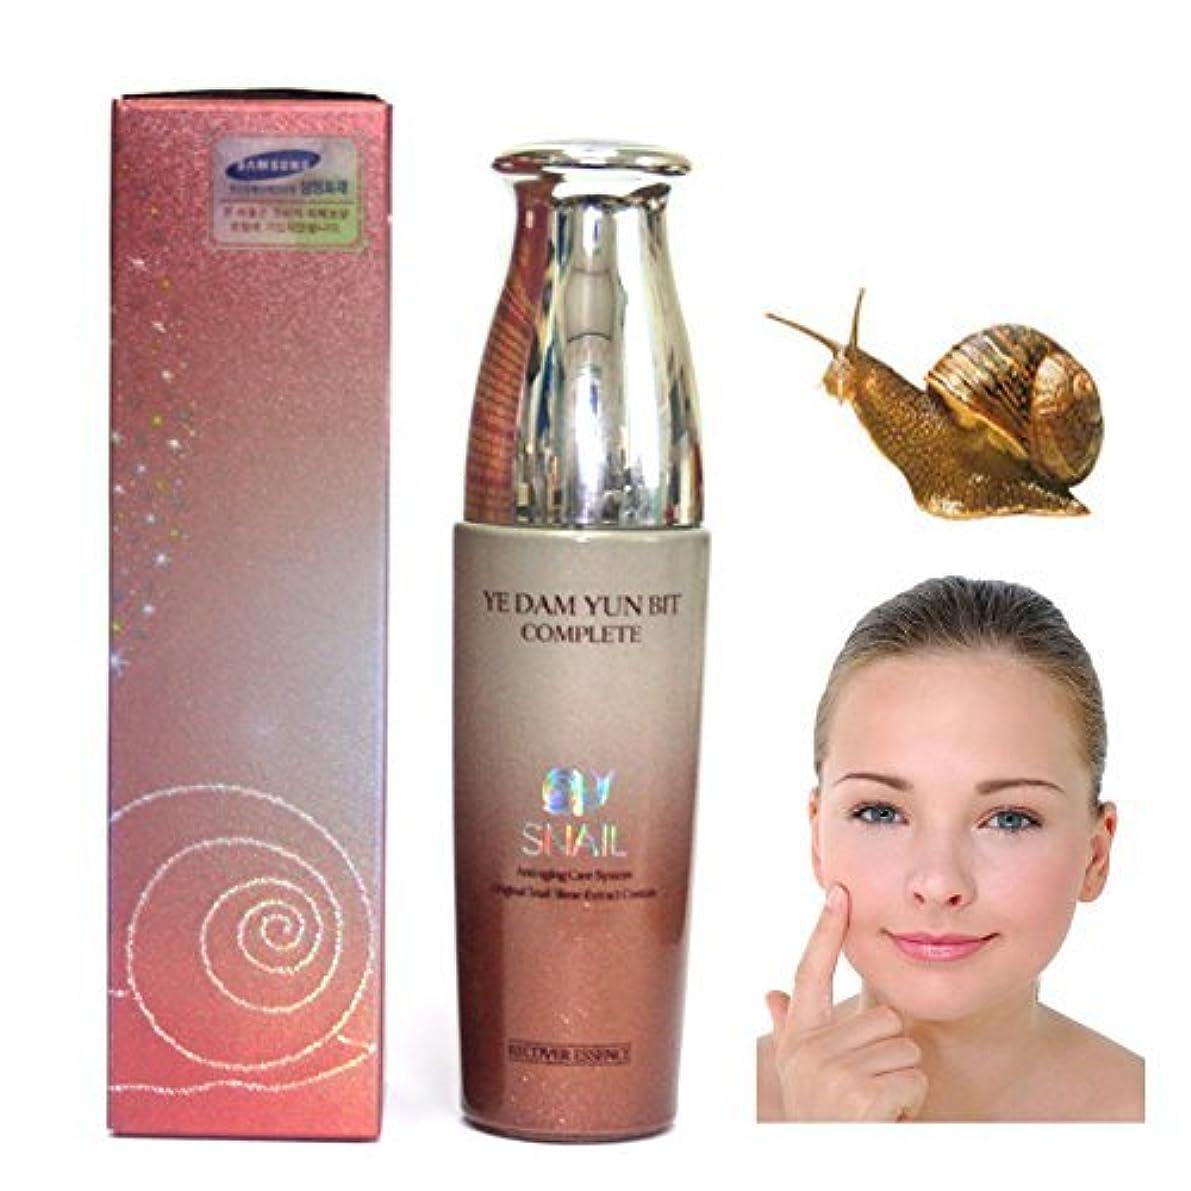 ブランチ早く達成する[YEDAM YUN BIT] 完璧なスキンカタツムリ女エッセンス50ml/COMPLETE SKIN Snail Woman Essence 50ml/韓国化粧品/Korean cosmetics [並行輸入品]